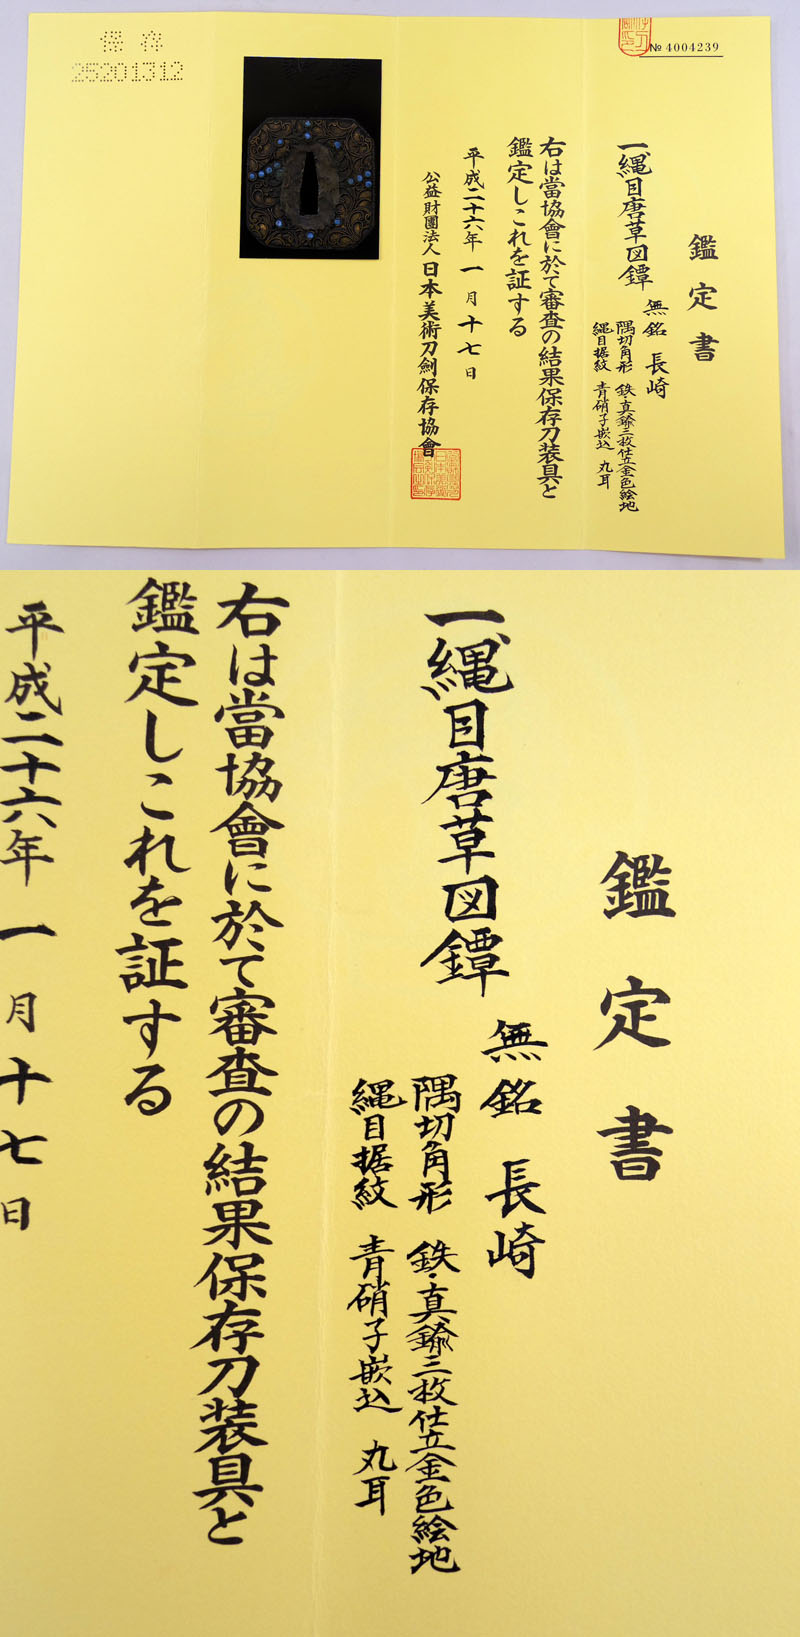 縄目唐草図鍔 無銘 長崎 Picture of Certificate